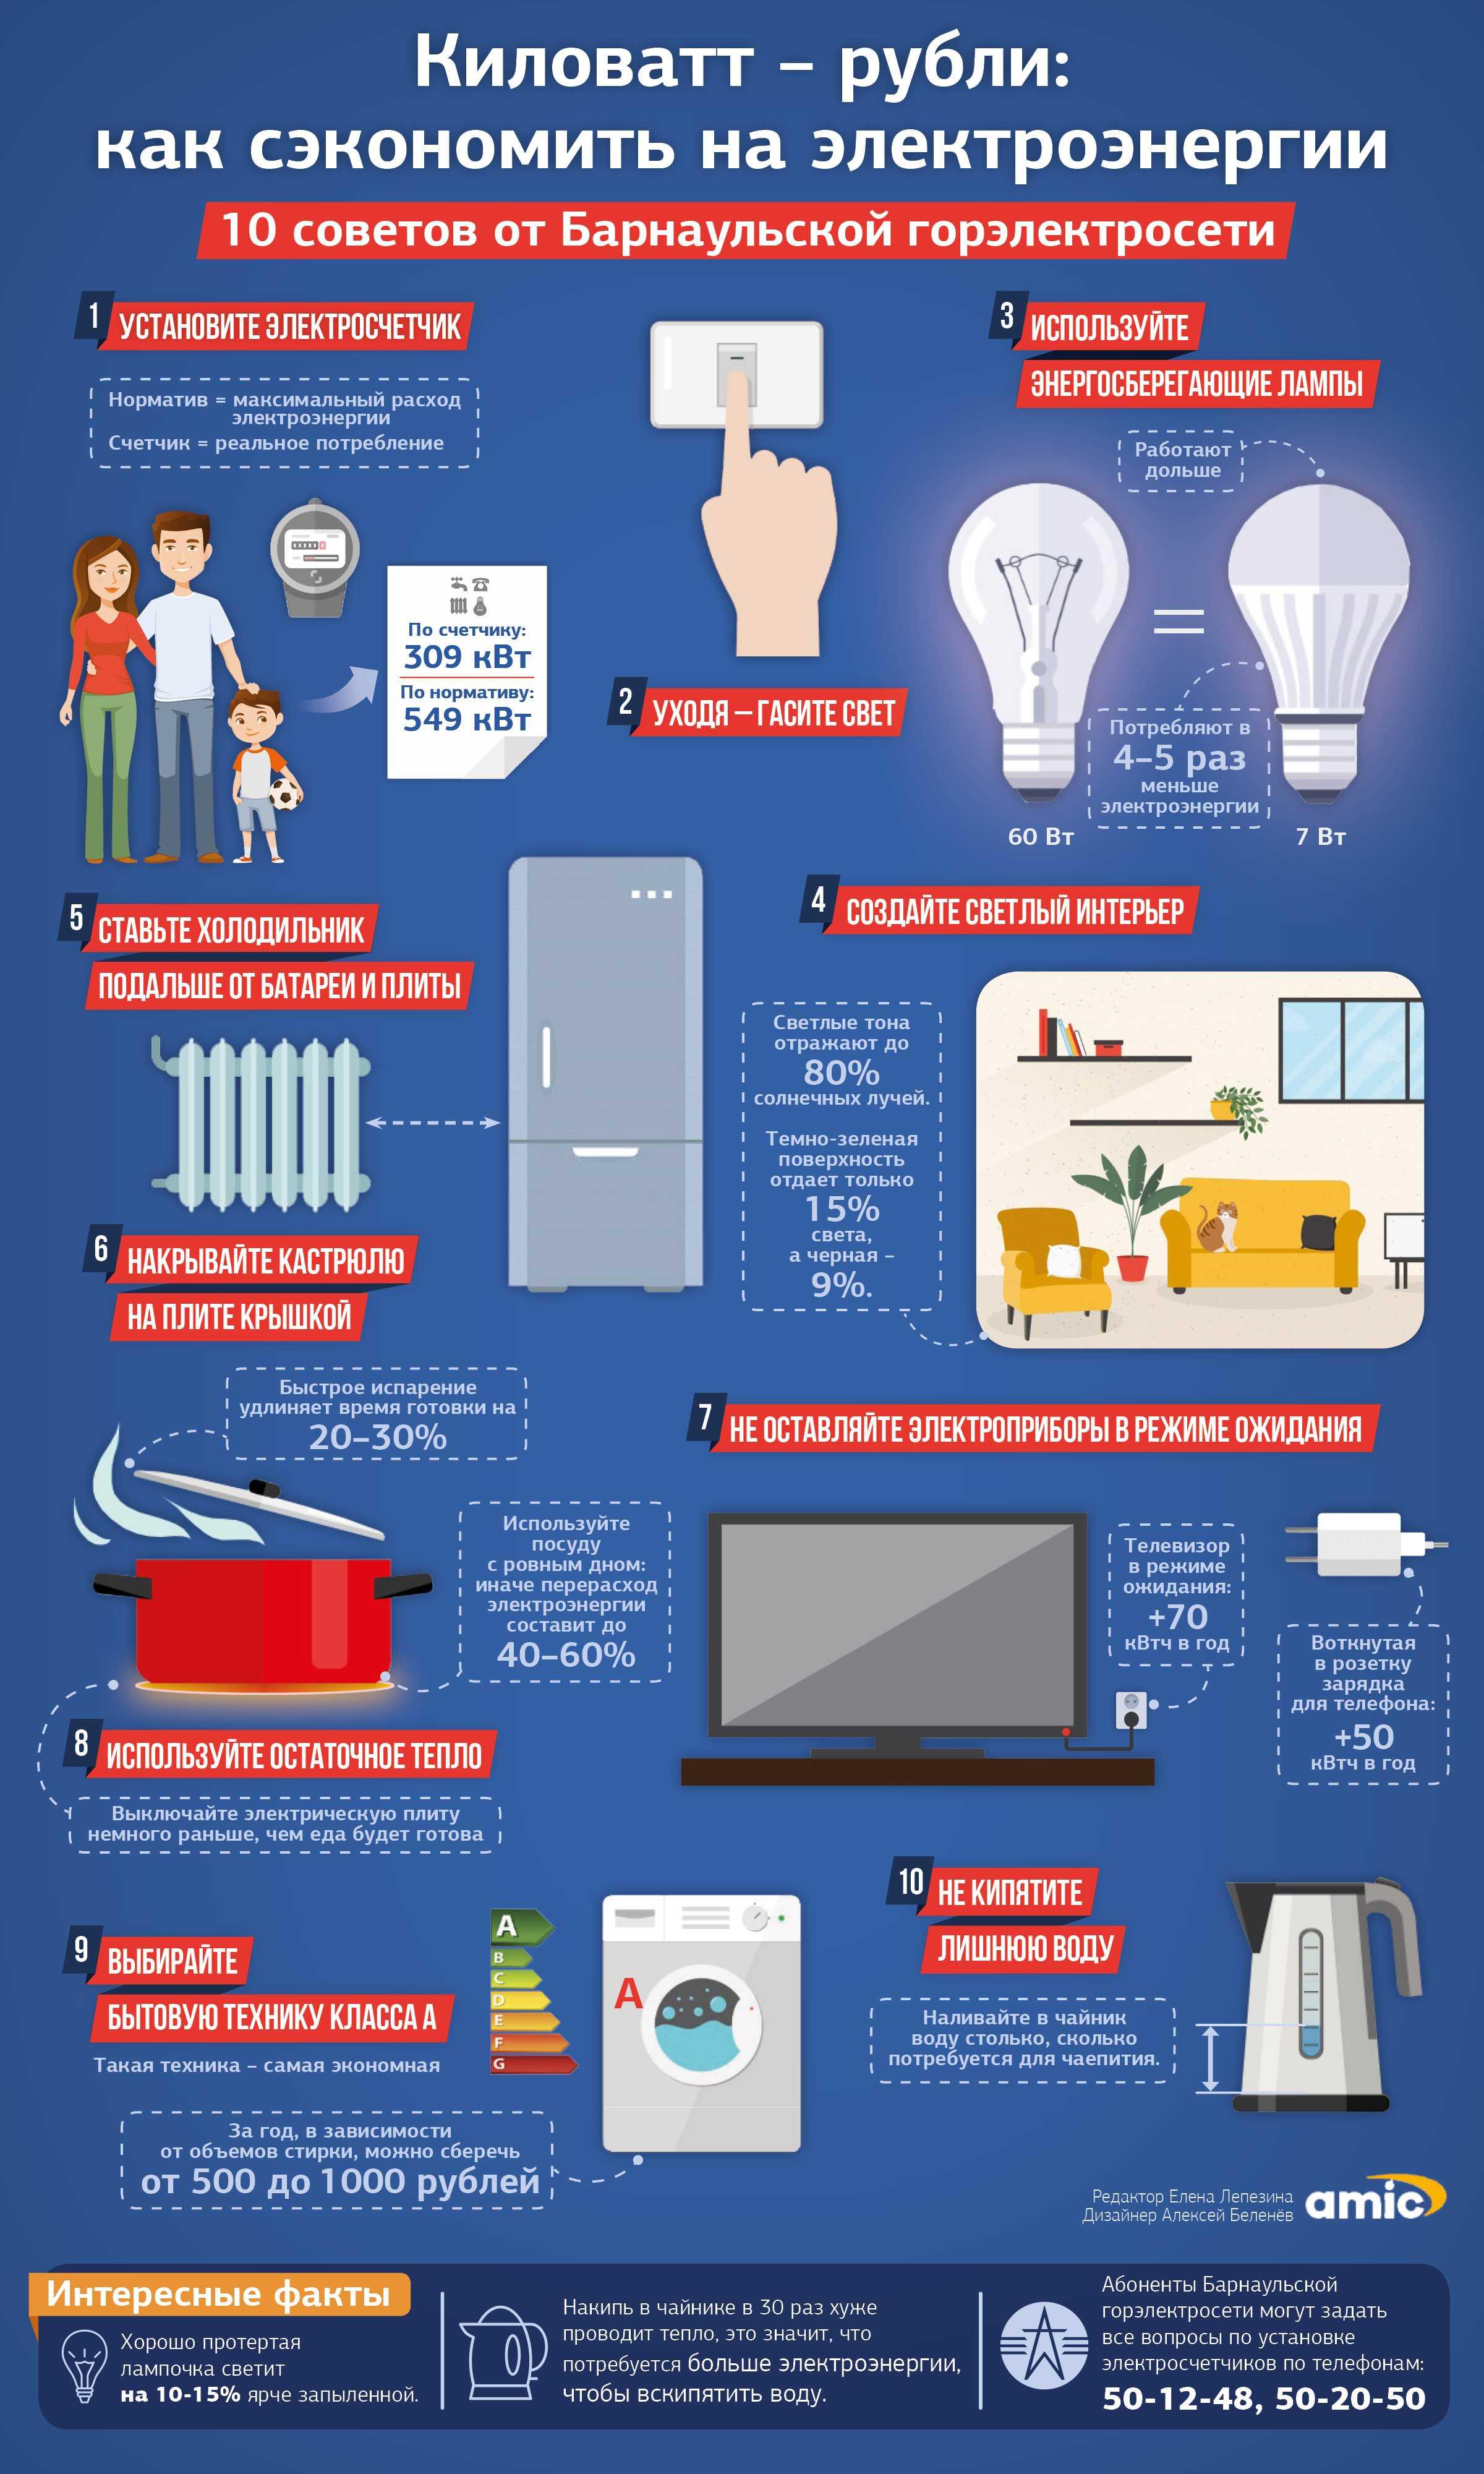 Как экономить электроэнергию в квартире или в доме: советы и рекомендации экспертов